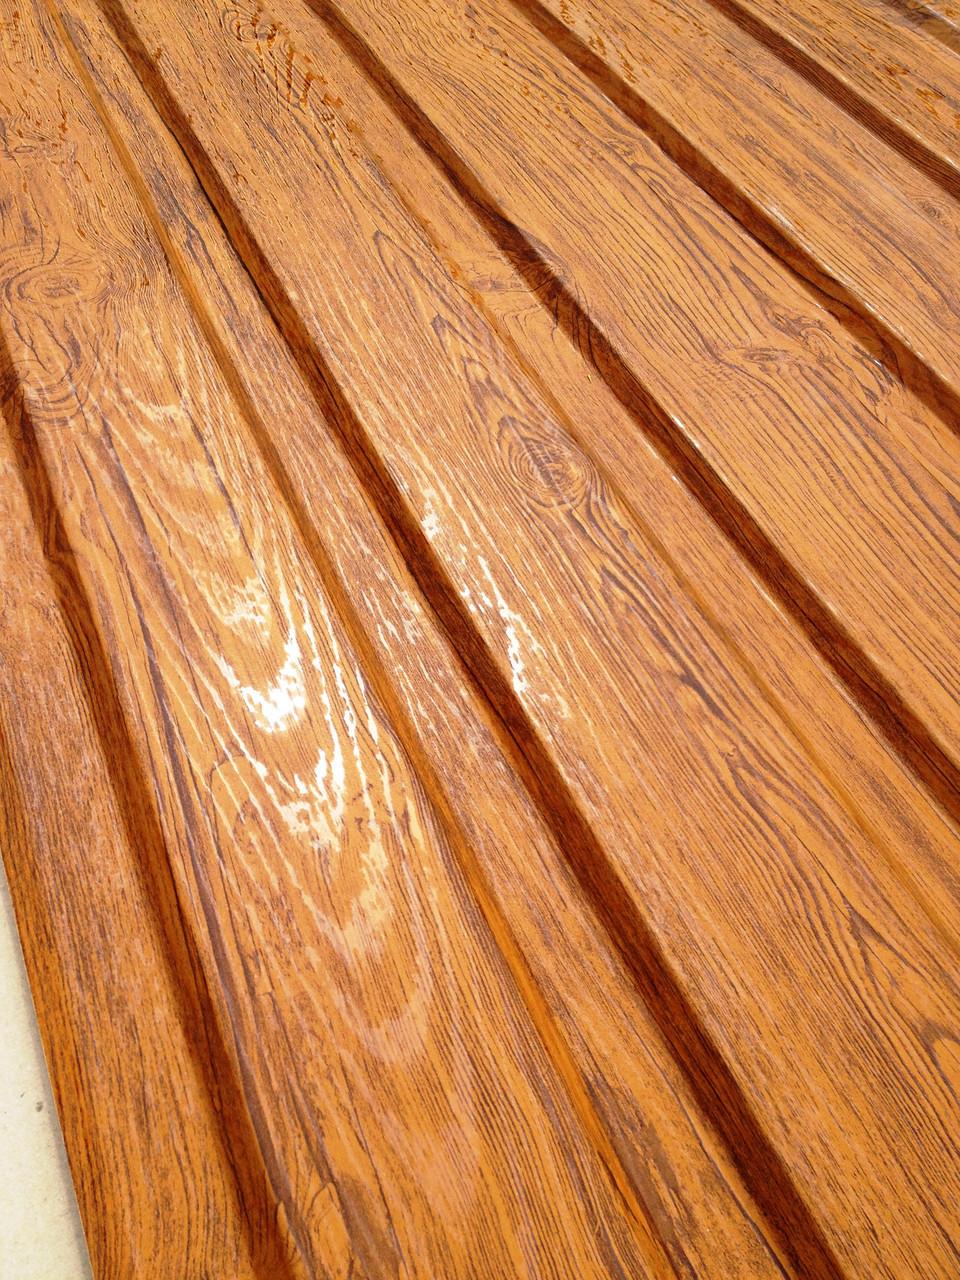 Профнастил с объемным рисунком  дерева 3D wood3701-01/8003, размер листа 2мХ1,16м